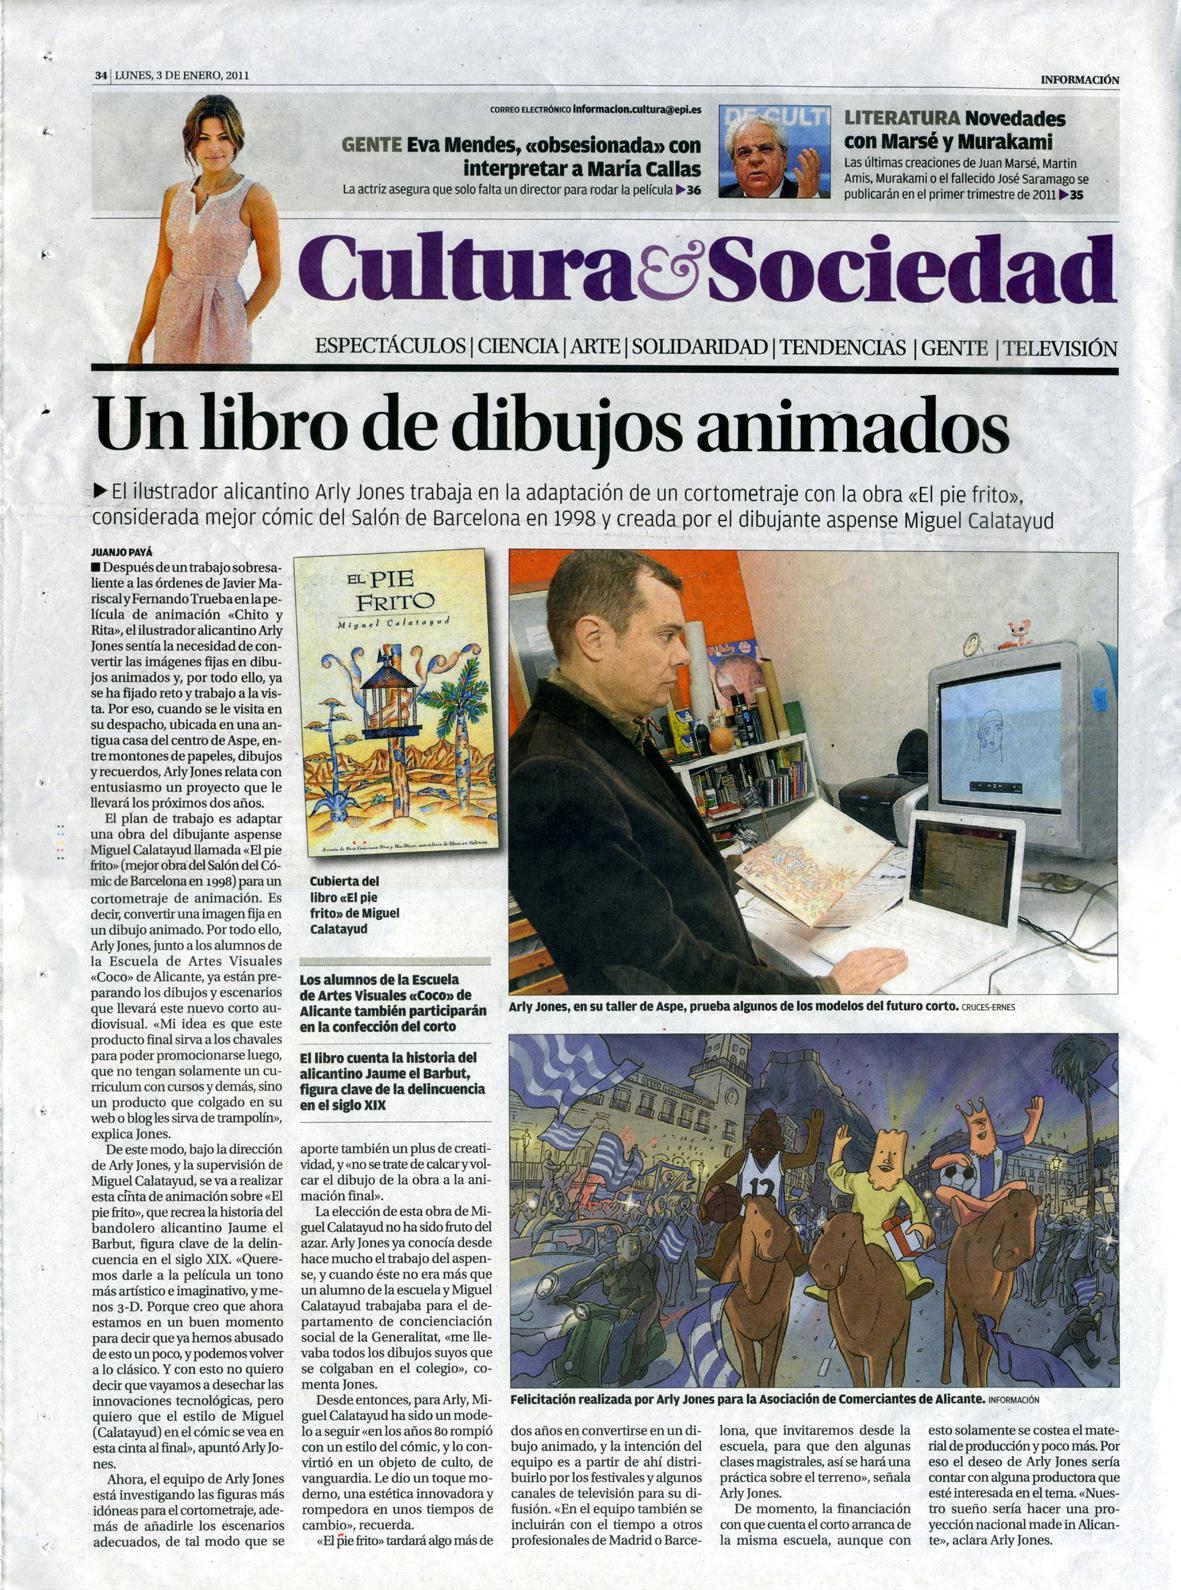 CABEZA VOLADORA Un libro de dibujos animados